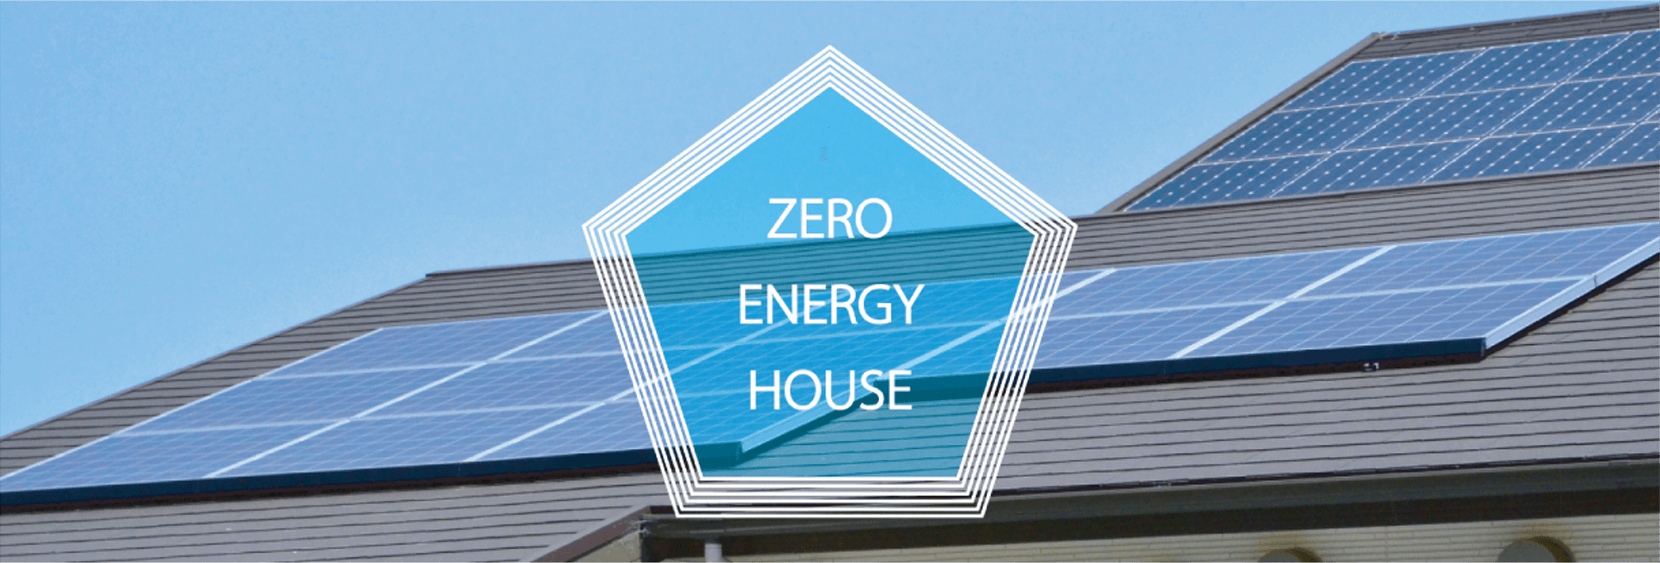 ゼロエネルギーハウス